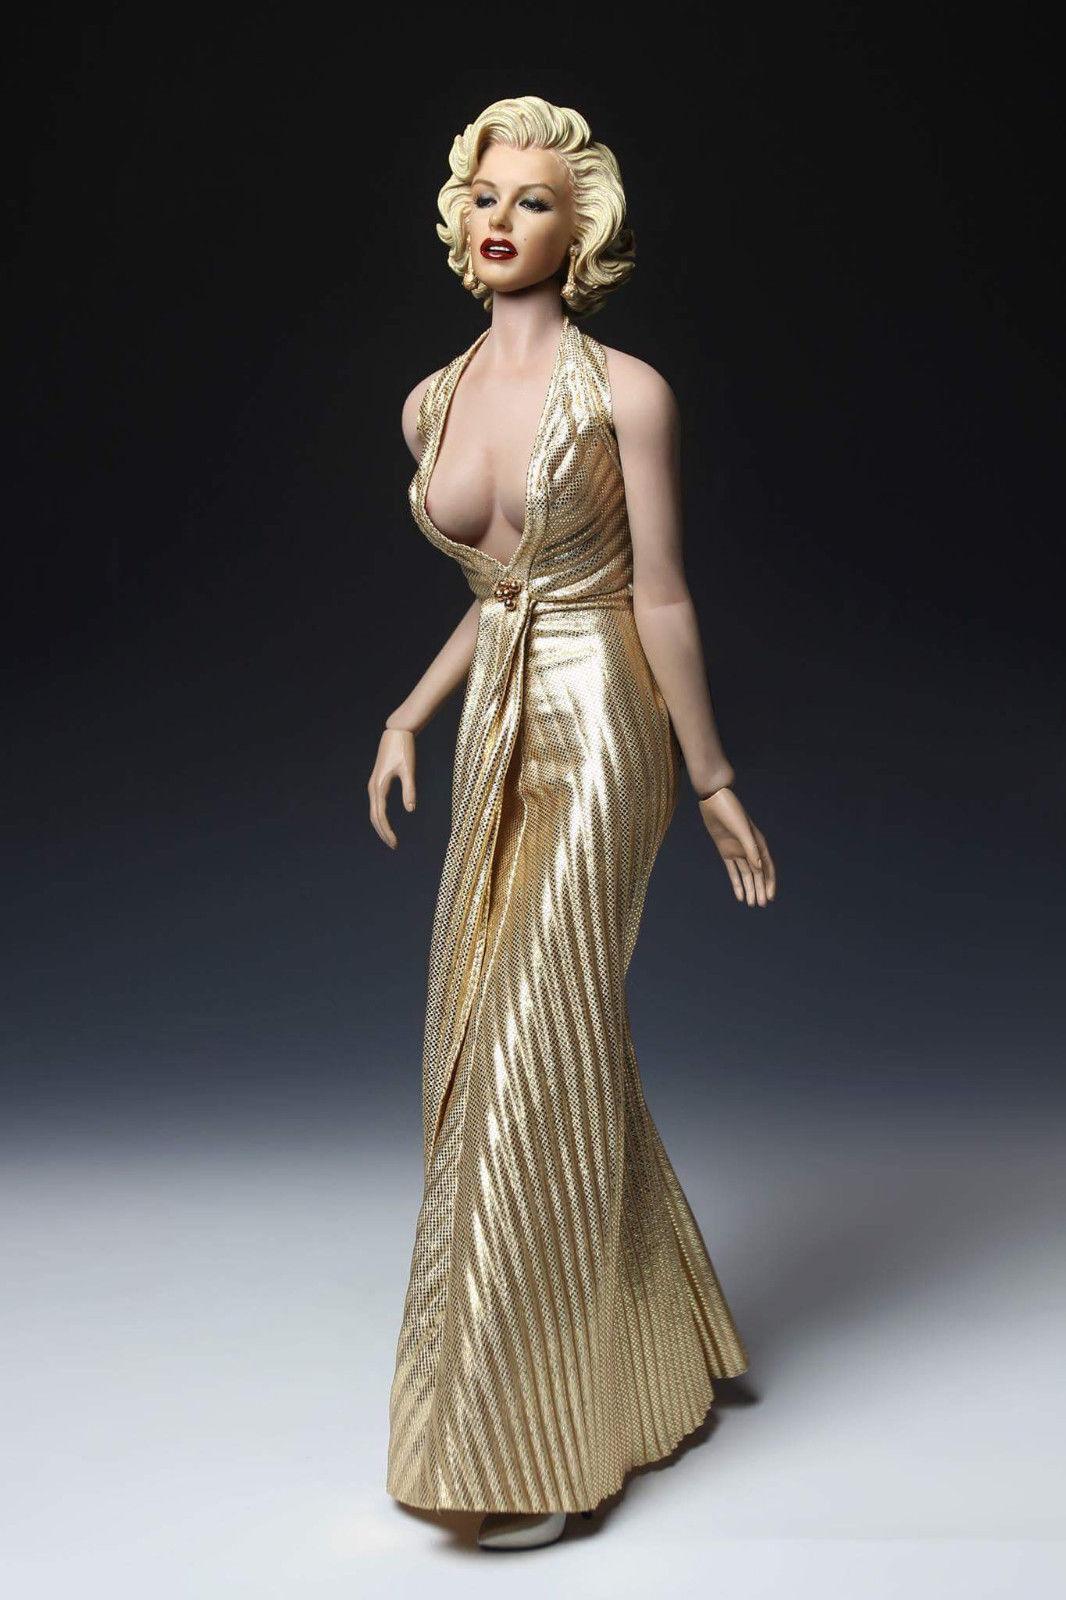 1 6 DIY marilyn monroe femenina pH personaje muñeca vestido de oro y recopilación de cabeza